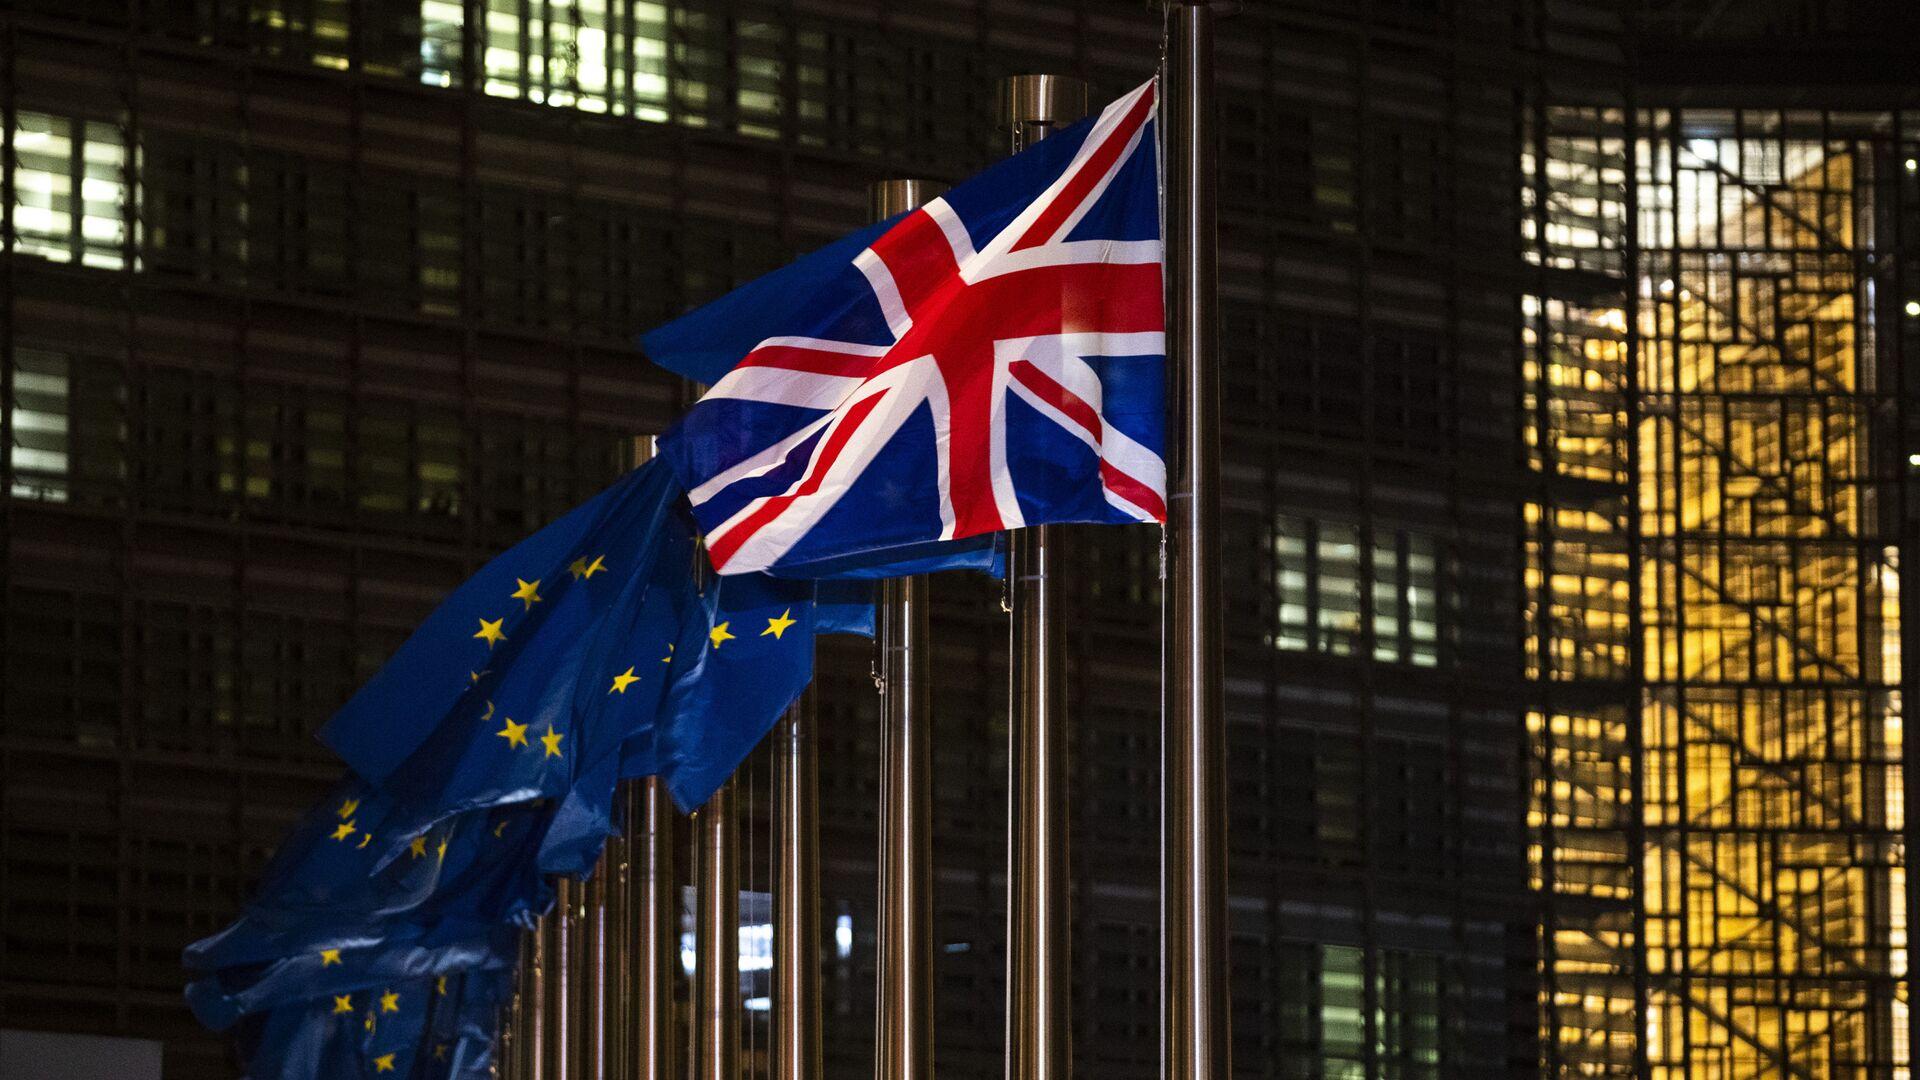 Les drapeaux de l'UE et du Royaume-Uni - Sputnik France, 1920, 29.06.2021